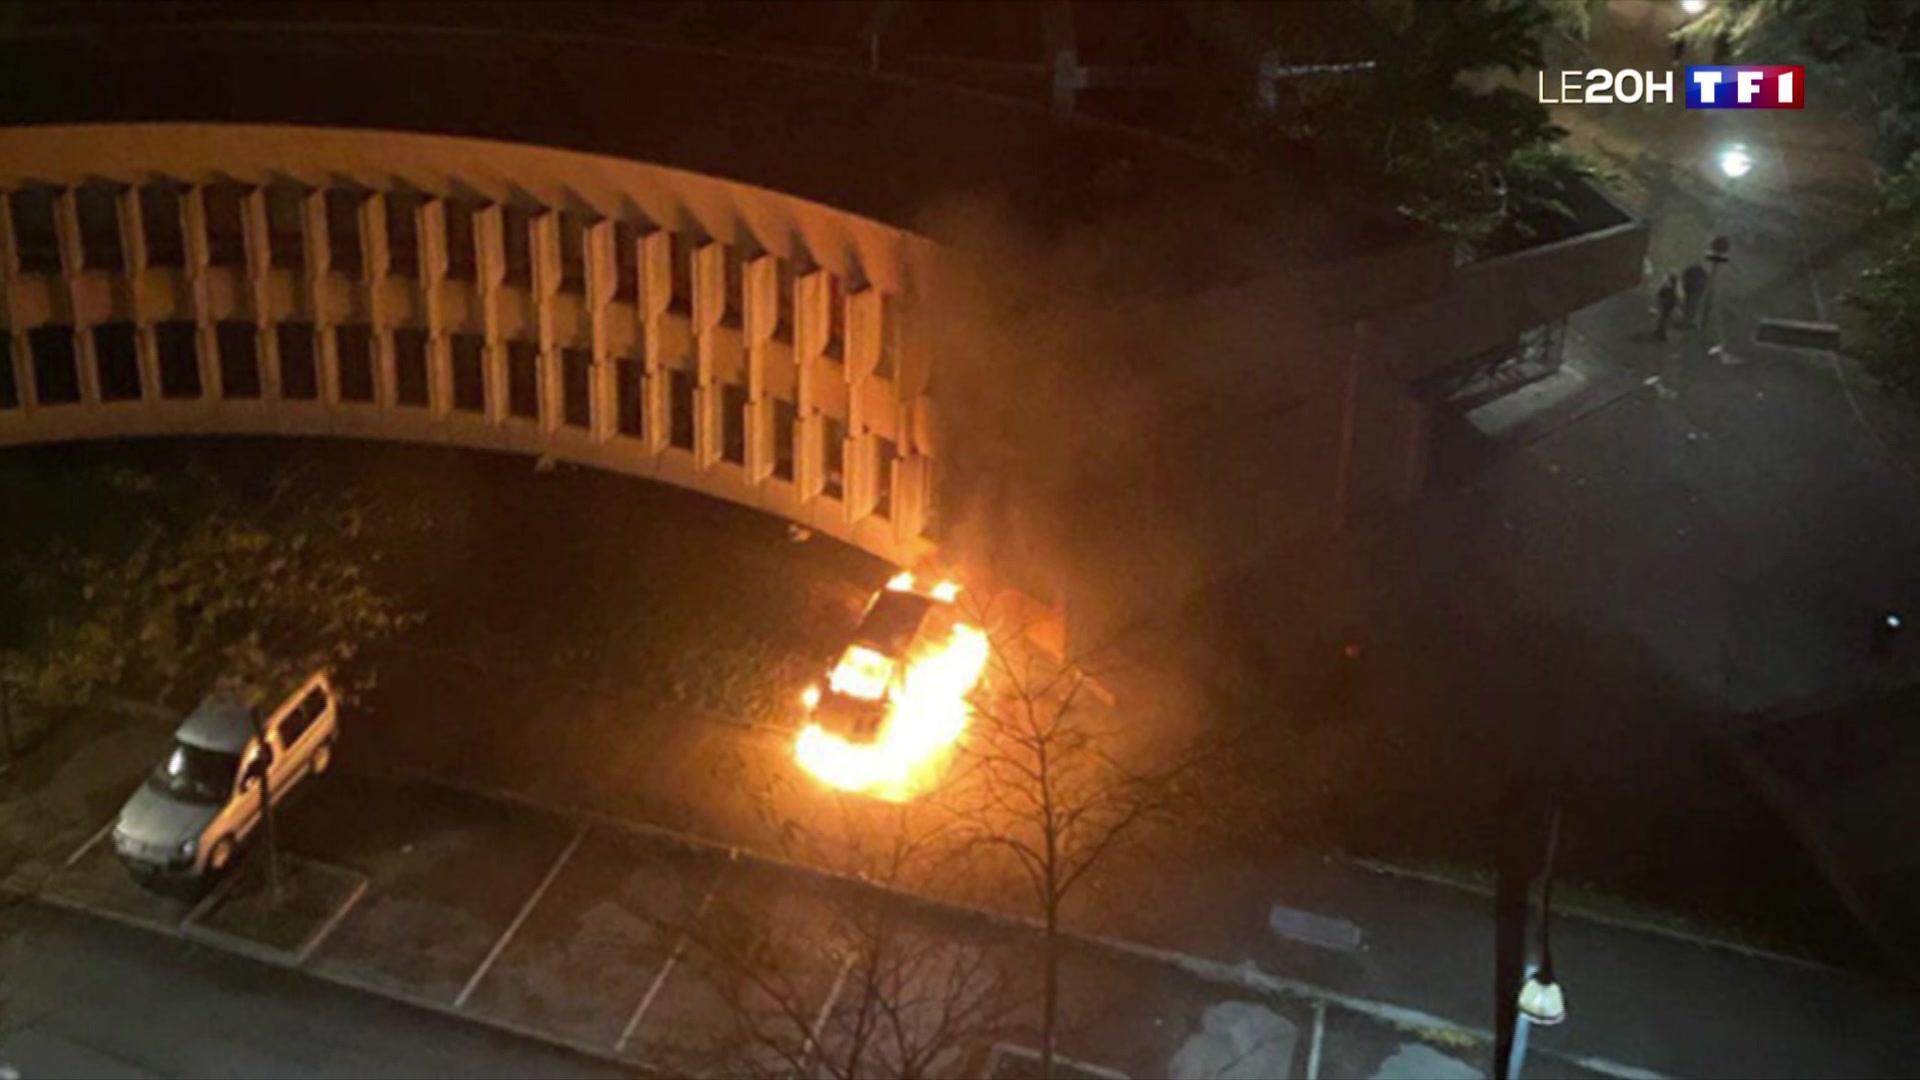 Další divoká noc ve Francii – požáry, mnoho vyhořelých aut a výbuchy (videa)